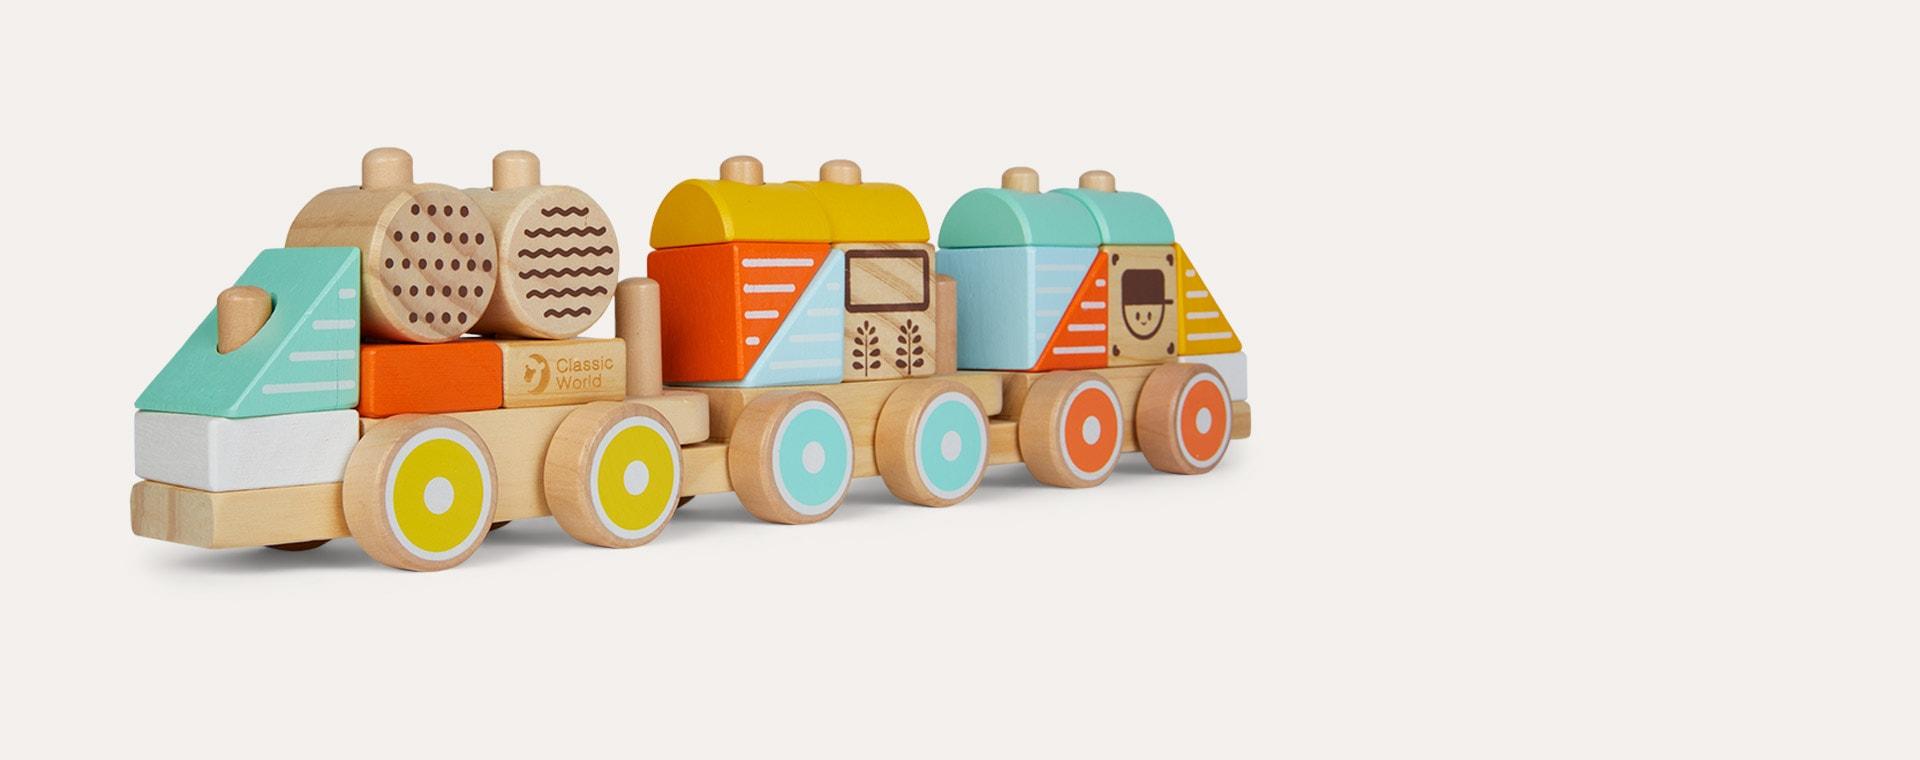 Multi Classic World Pull Train